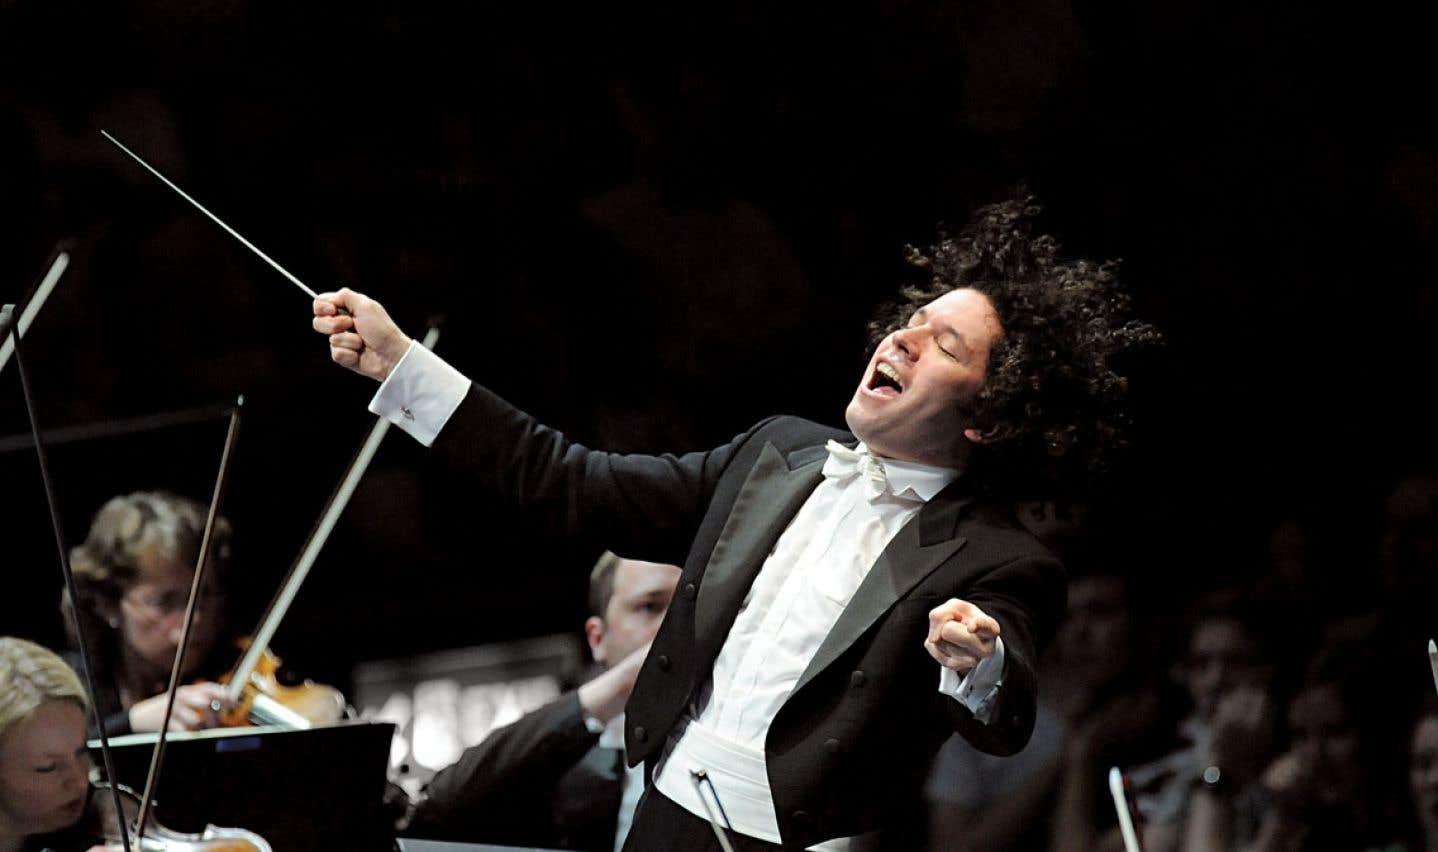 Gustavo Dudamel est le premier chef d'orchestre né d'El Sistema, le système national d'orchestres pour jeunes au Venezuela.